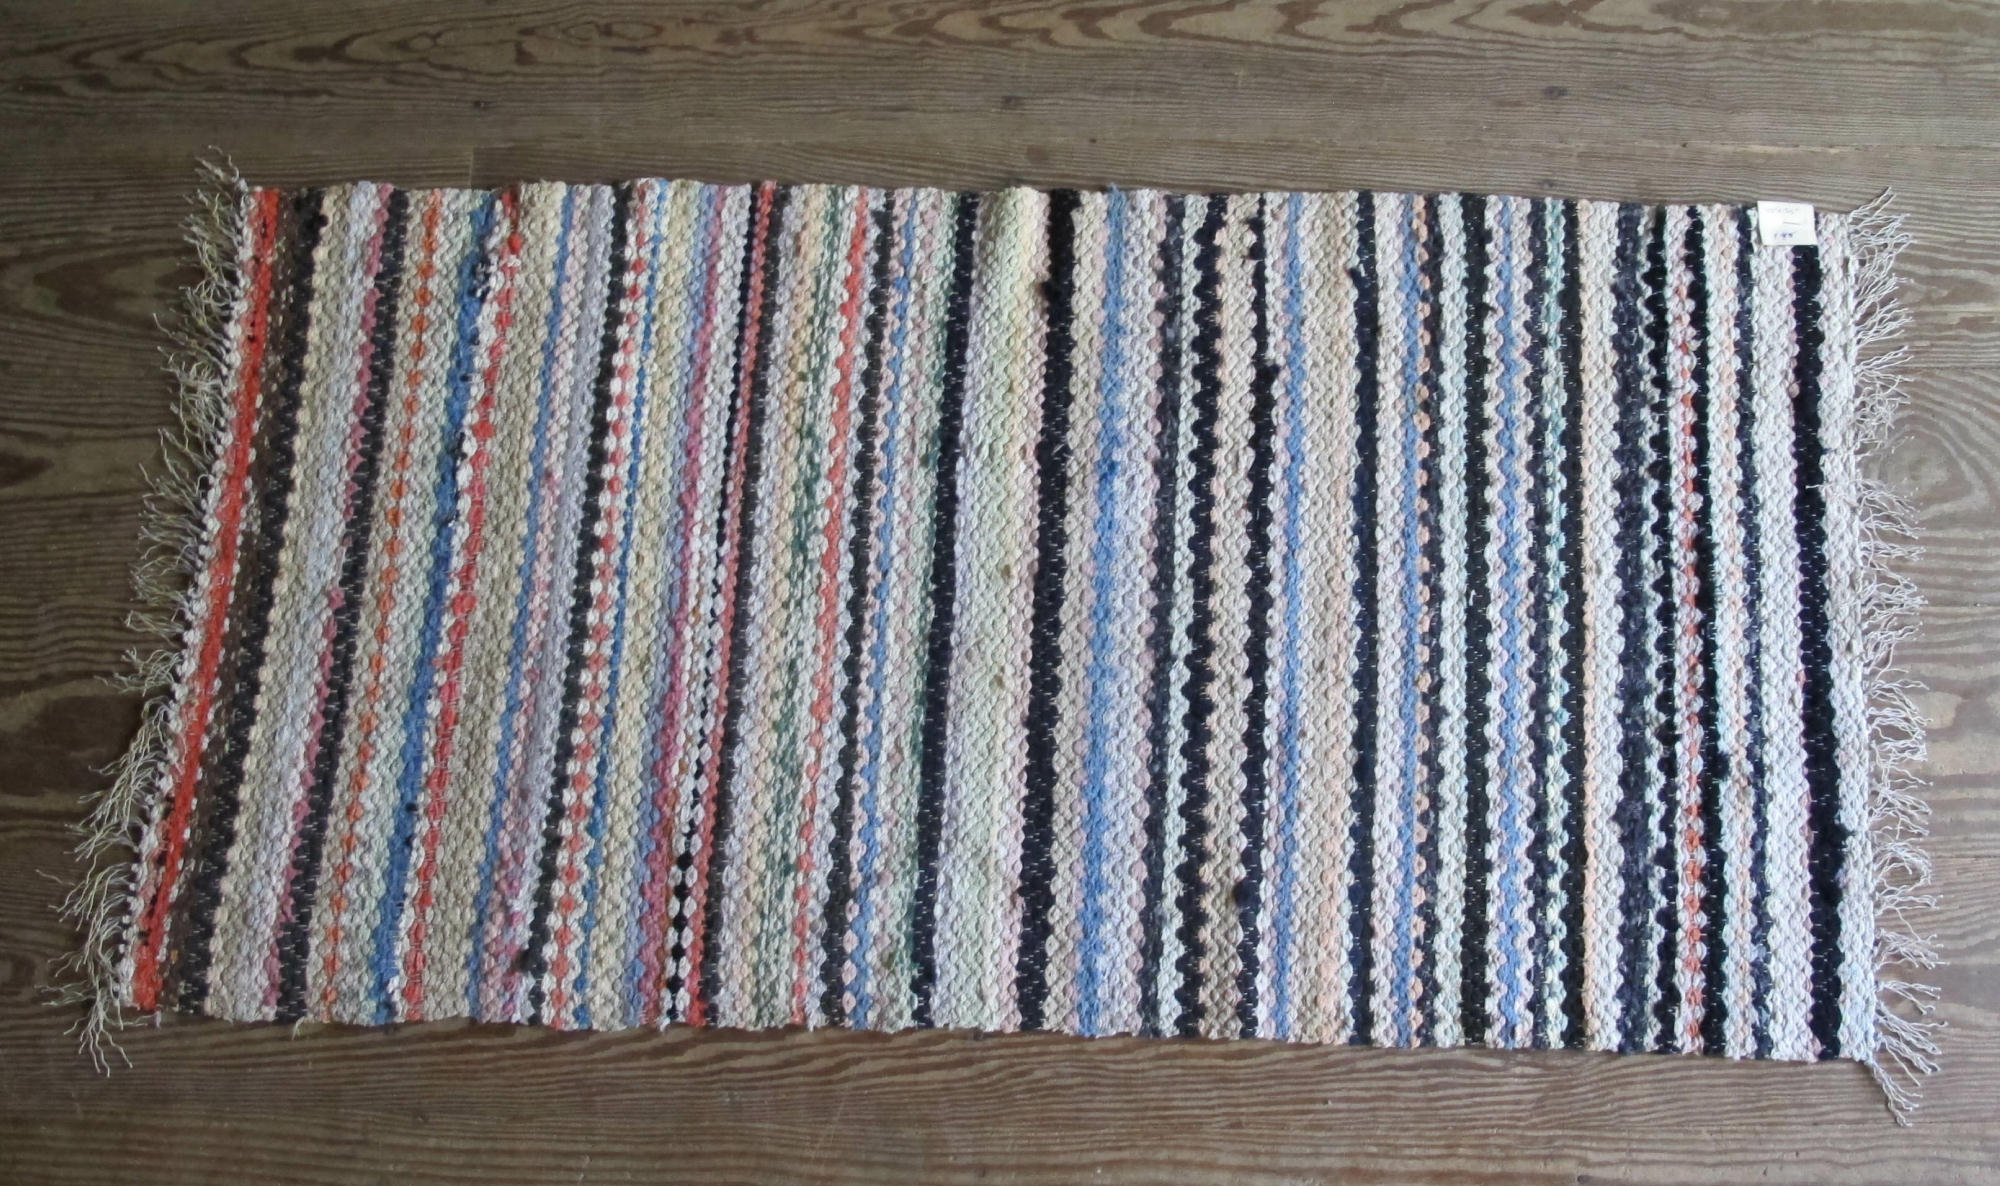 Vintage Swedish Rag Rugs Ragrugs